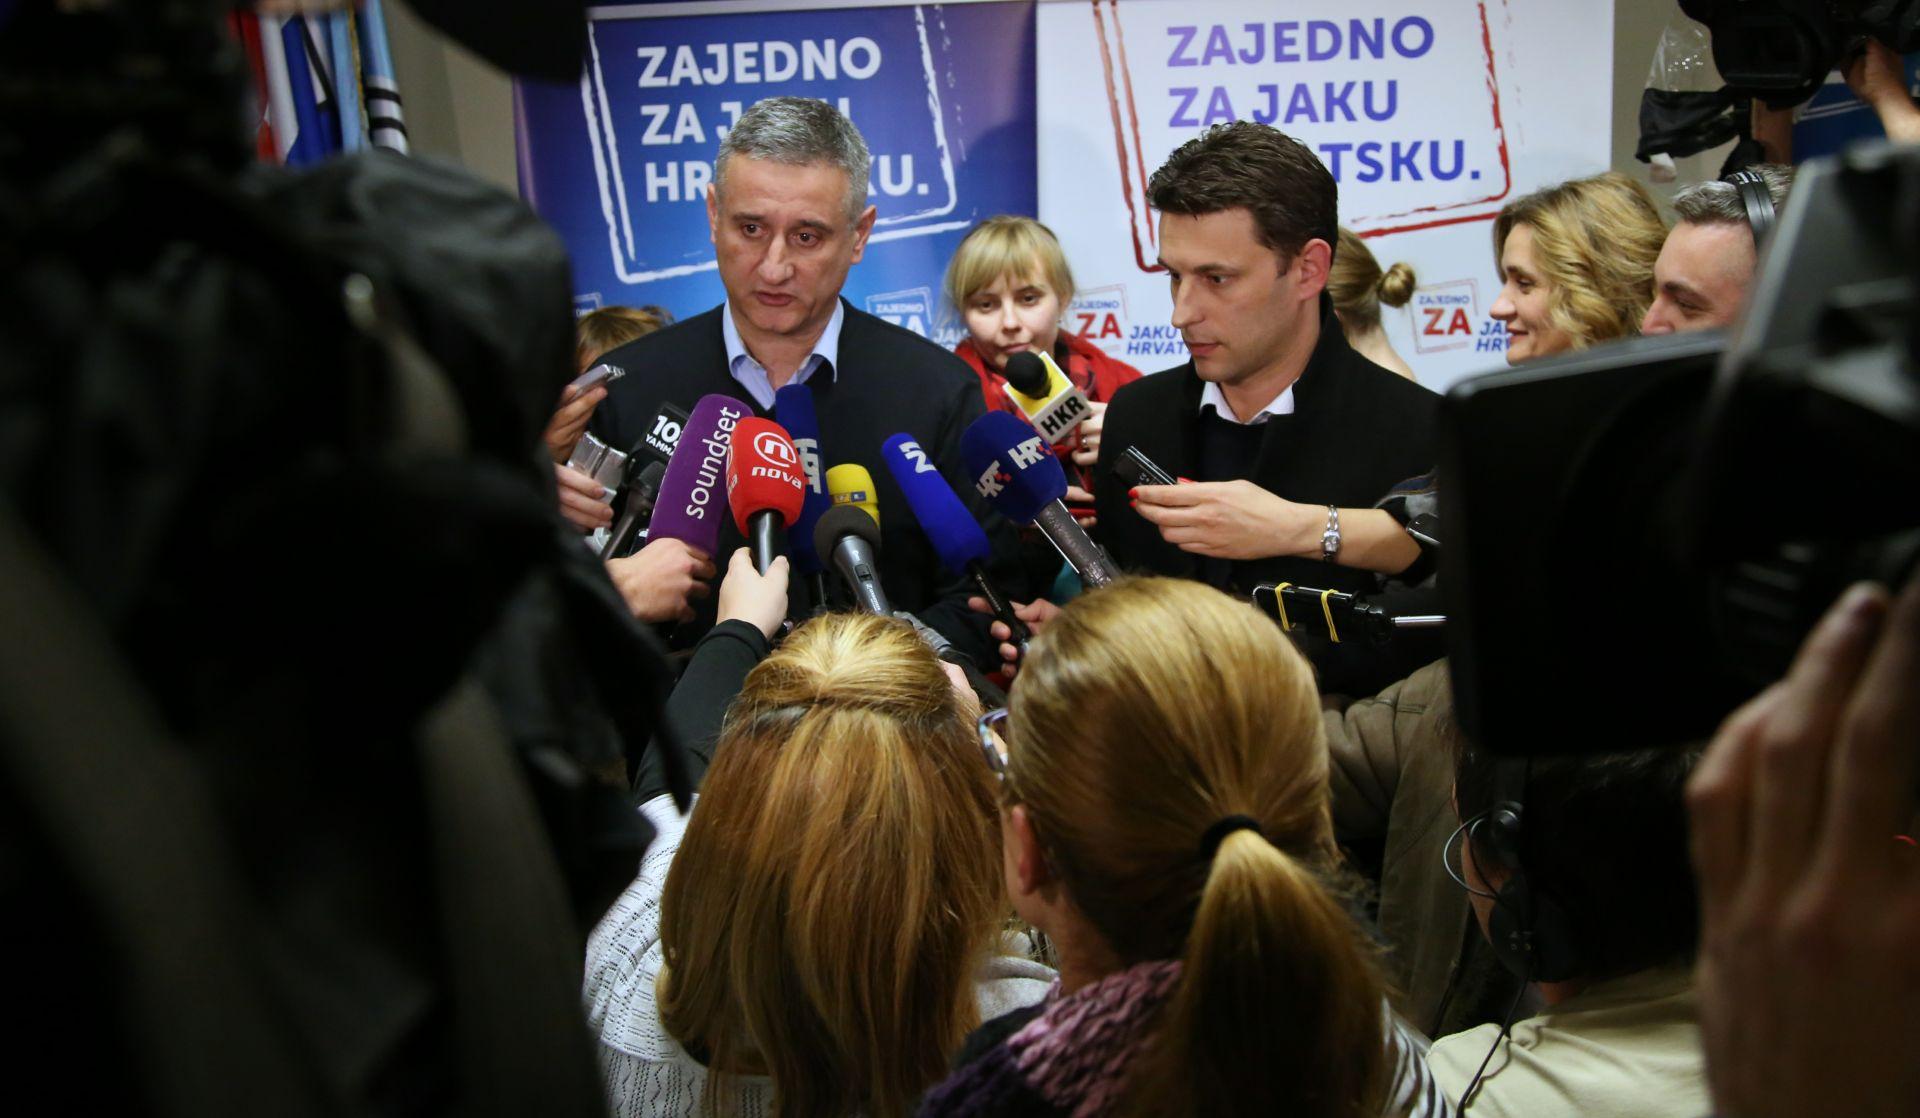 FORMIRANJE HRVATSKE VLADE: Karamarko i Petrov potpredsjednici u novoj Vladi